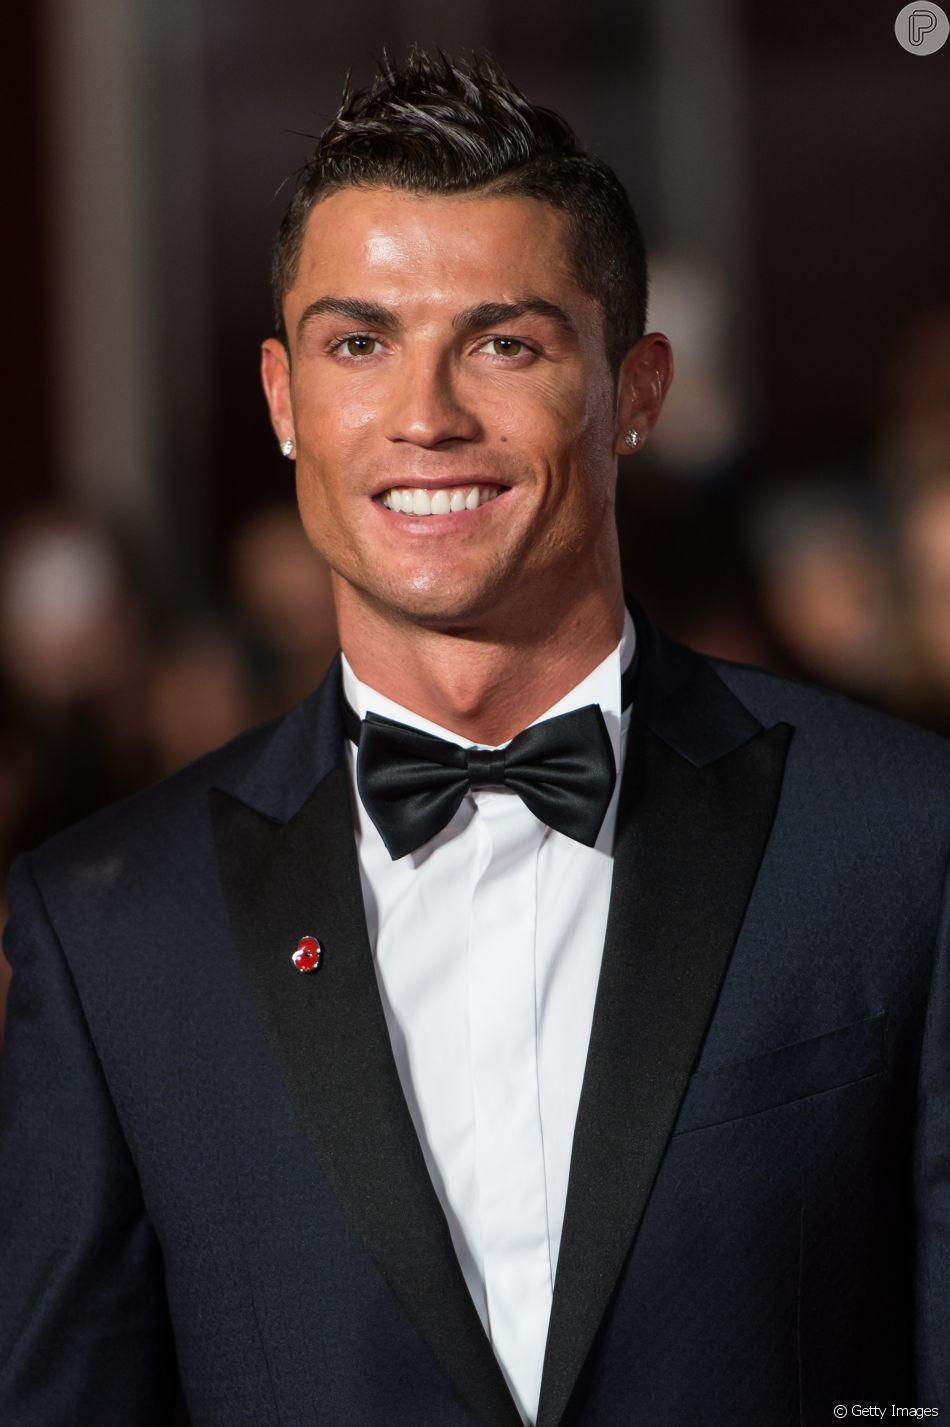 Cristiano Ronaldo e a família  posaram uniformizados com camisas da Juventus nesta terça-feira, 21 de agosto de 2018